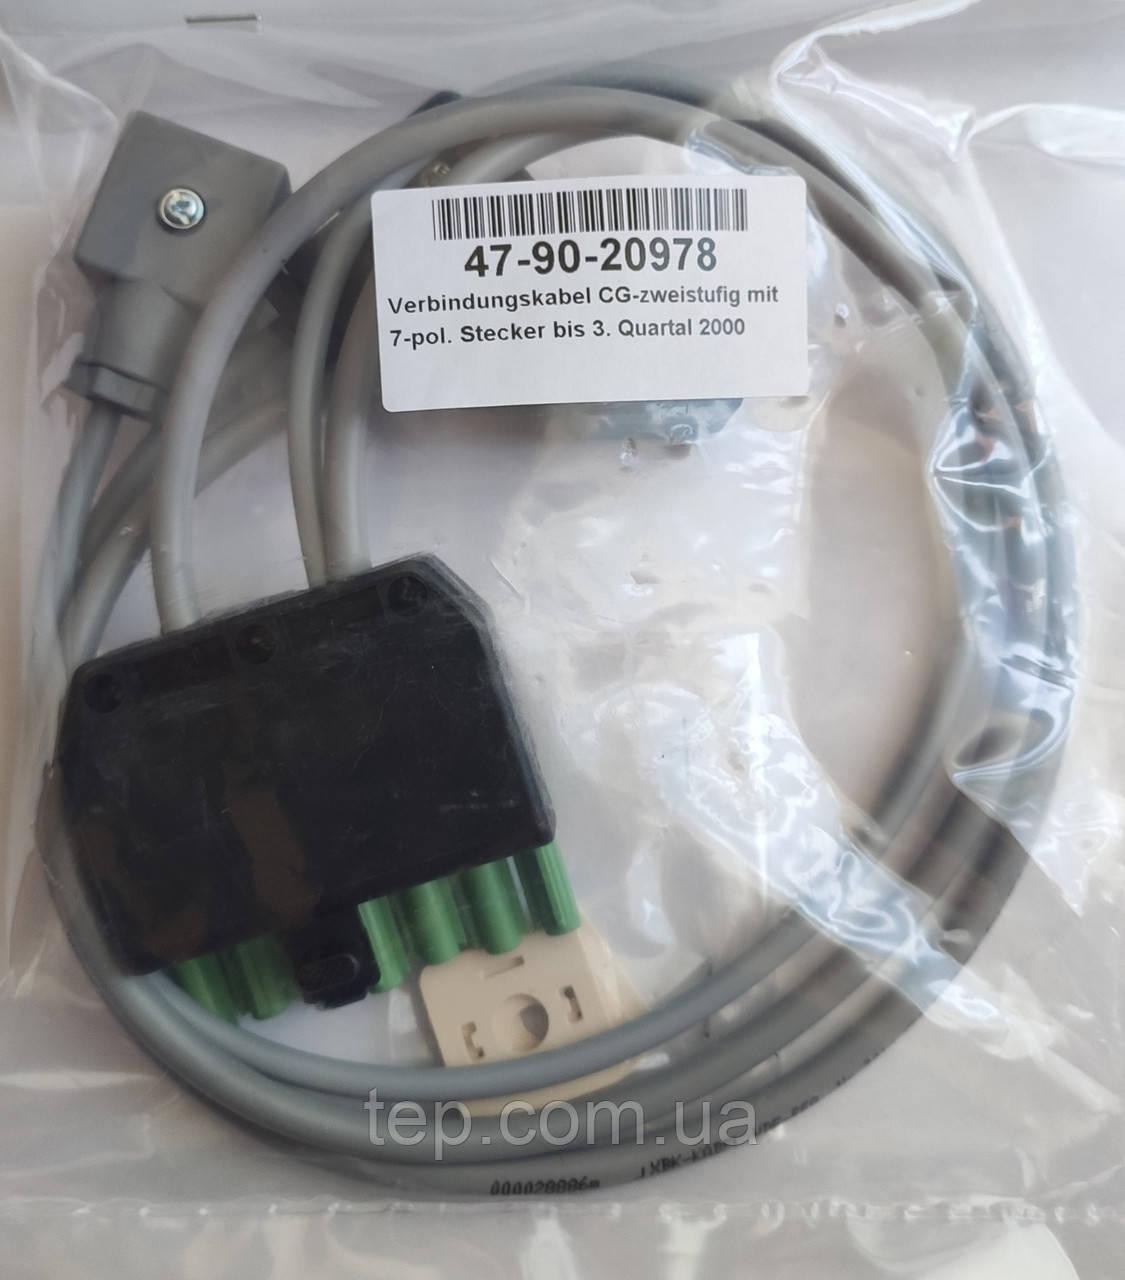 Giersch RG30 З'єднувальний кабель CG для -Z